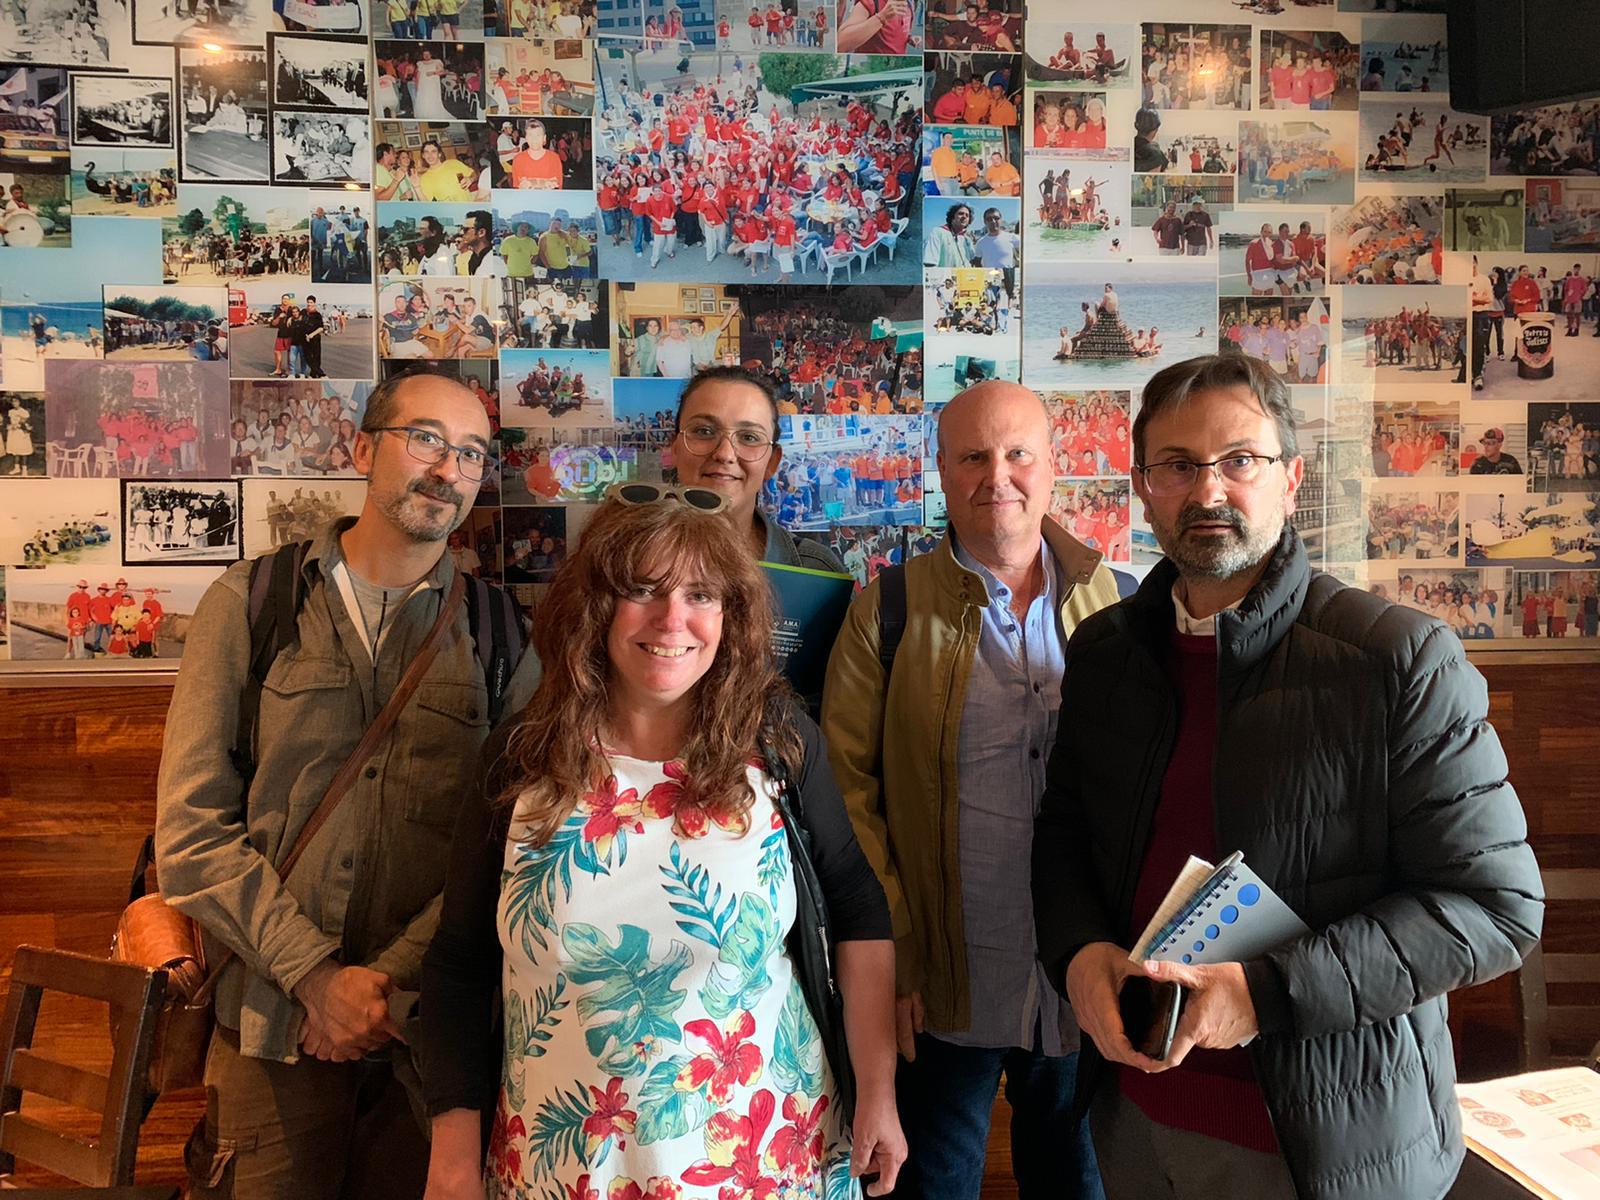 La Junta de Gobierno del Colegio Profesional de Logopedas de Galicia se reúnen en Ribeira, en su reunión ordinaria y tratan las Jornadas Internacionales a celebrar en la Coruña los días 15 y 16 de noviembre.